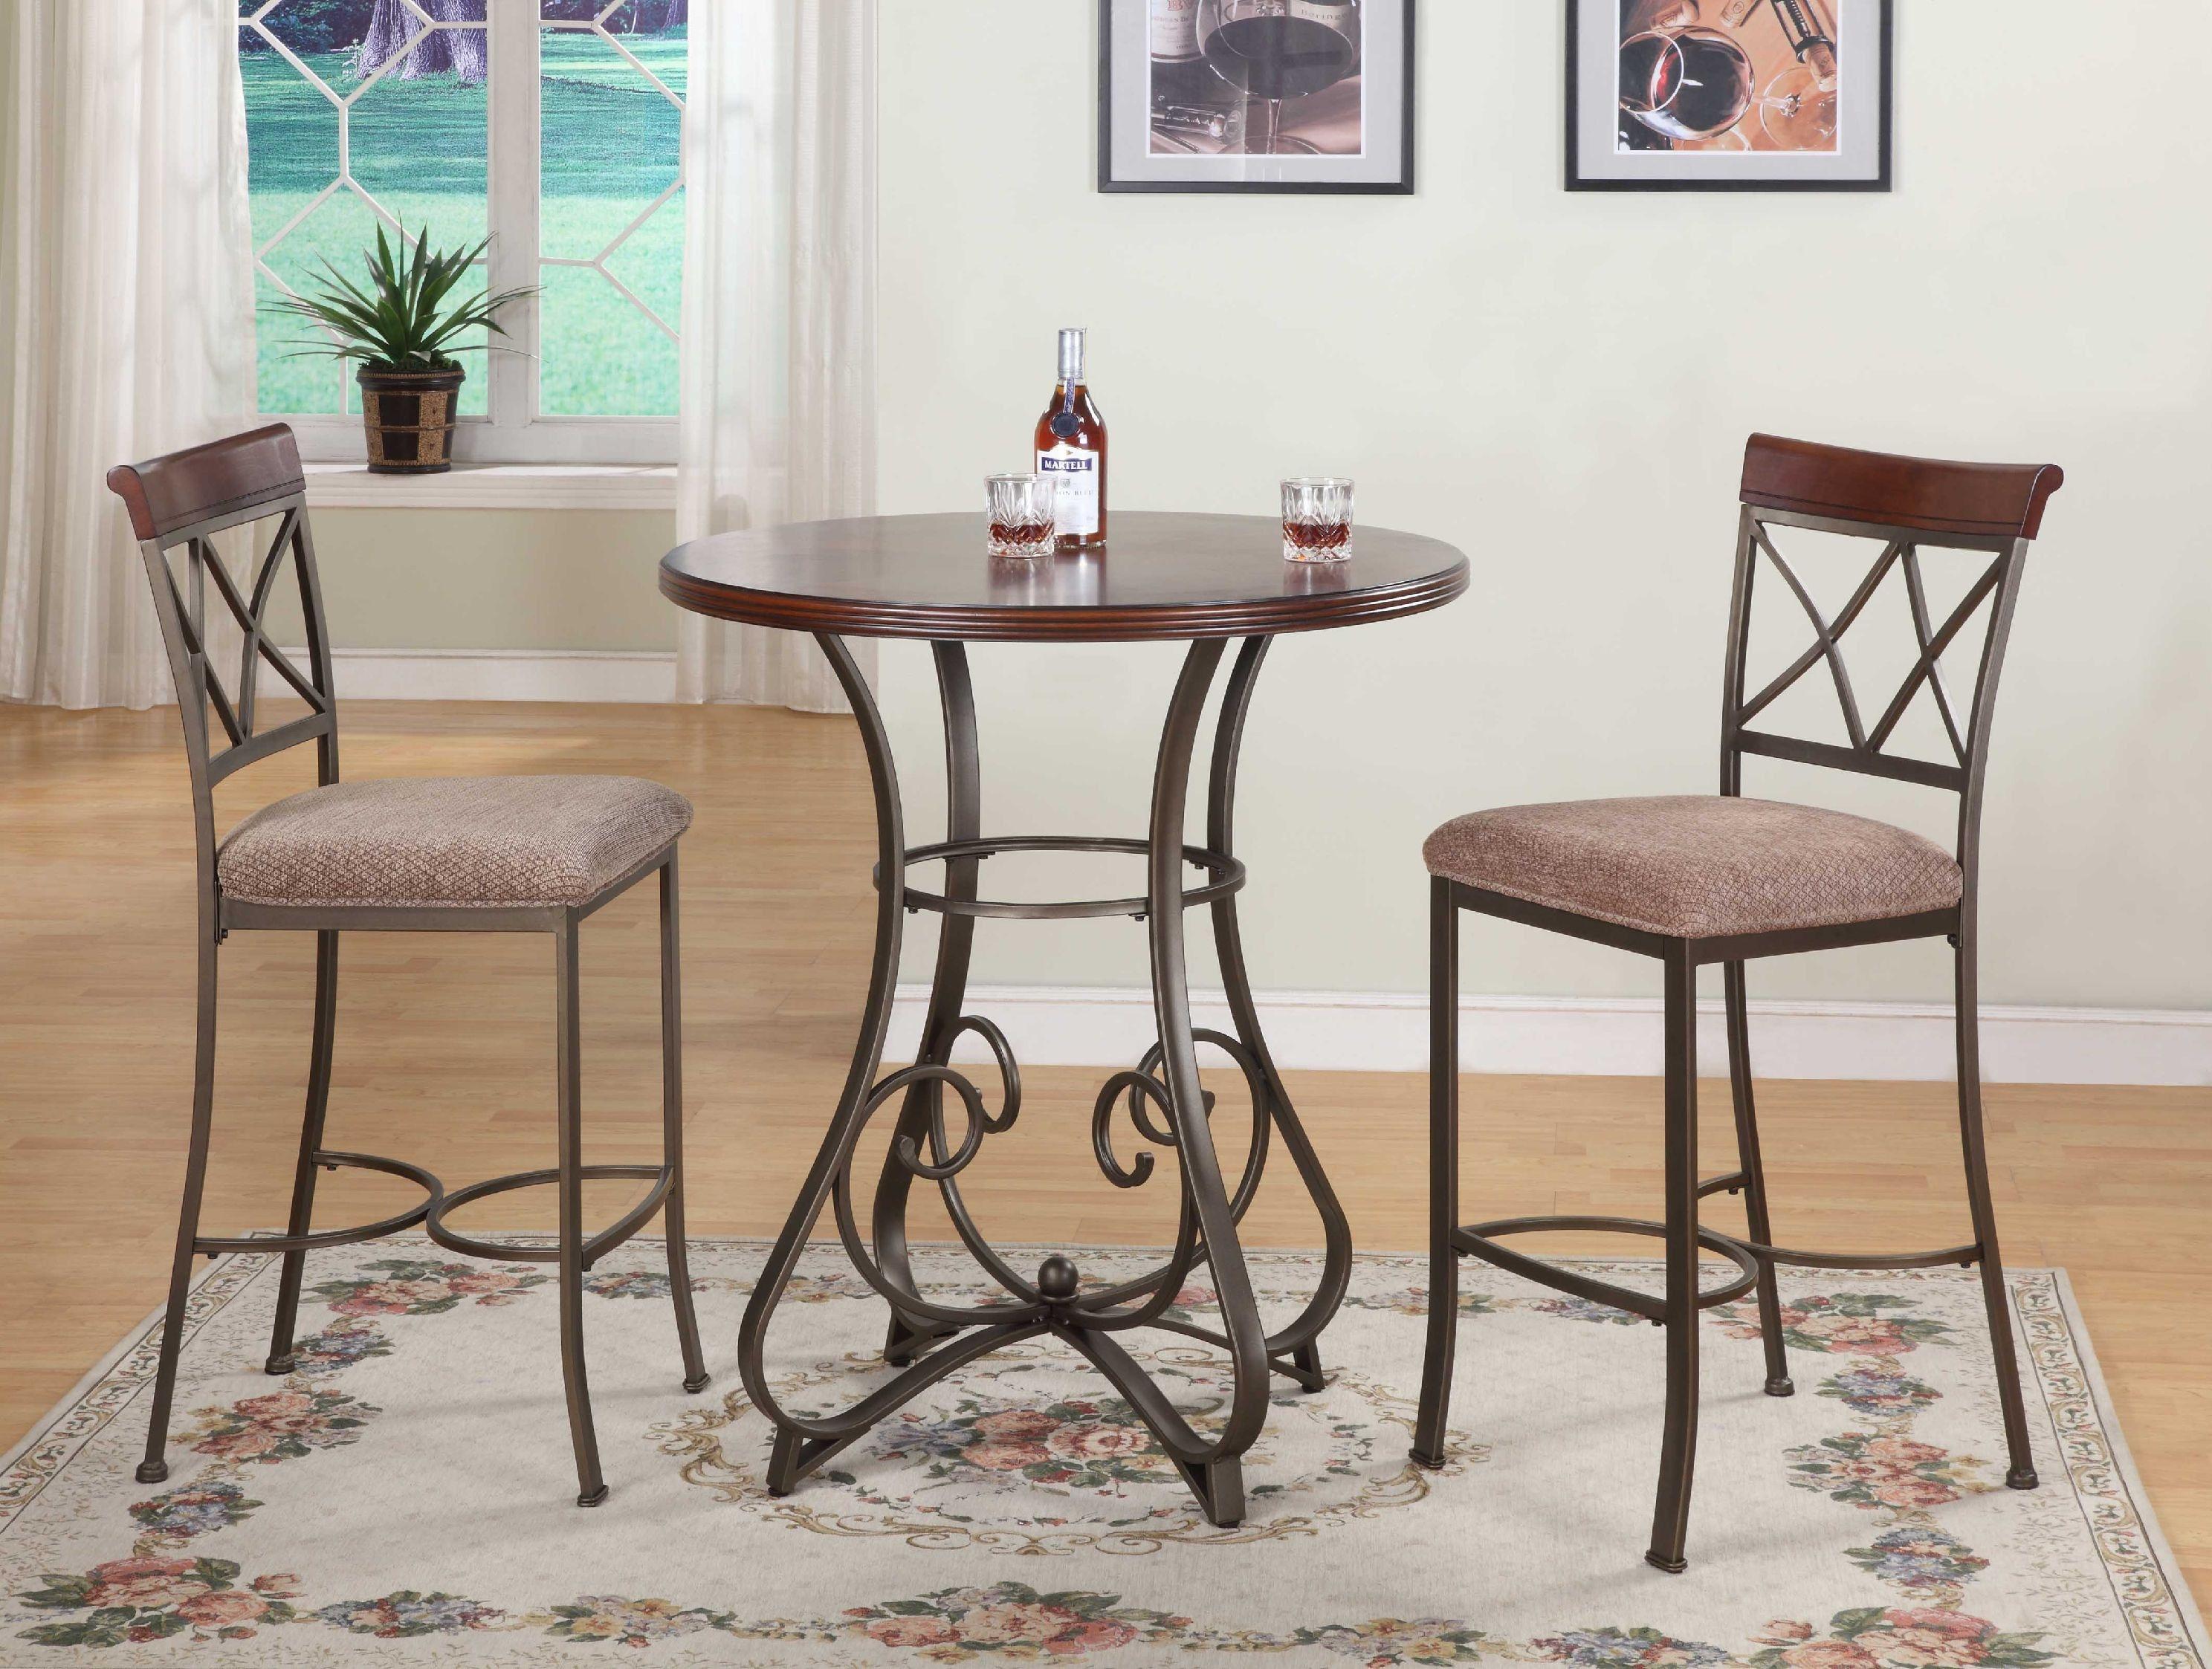 Powell Furniture Dining Room 3 PC Hamilton Pub Set 1  : 697 404432 from www.alsdiscountfurniture.com size 1024 x 768 jpeg 97kB